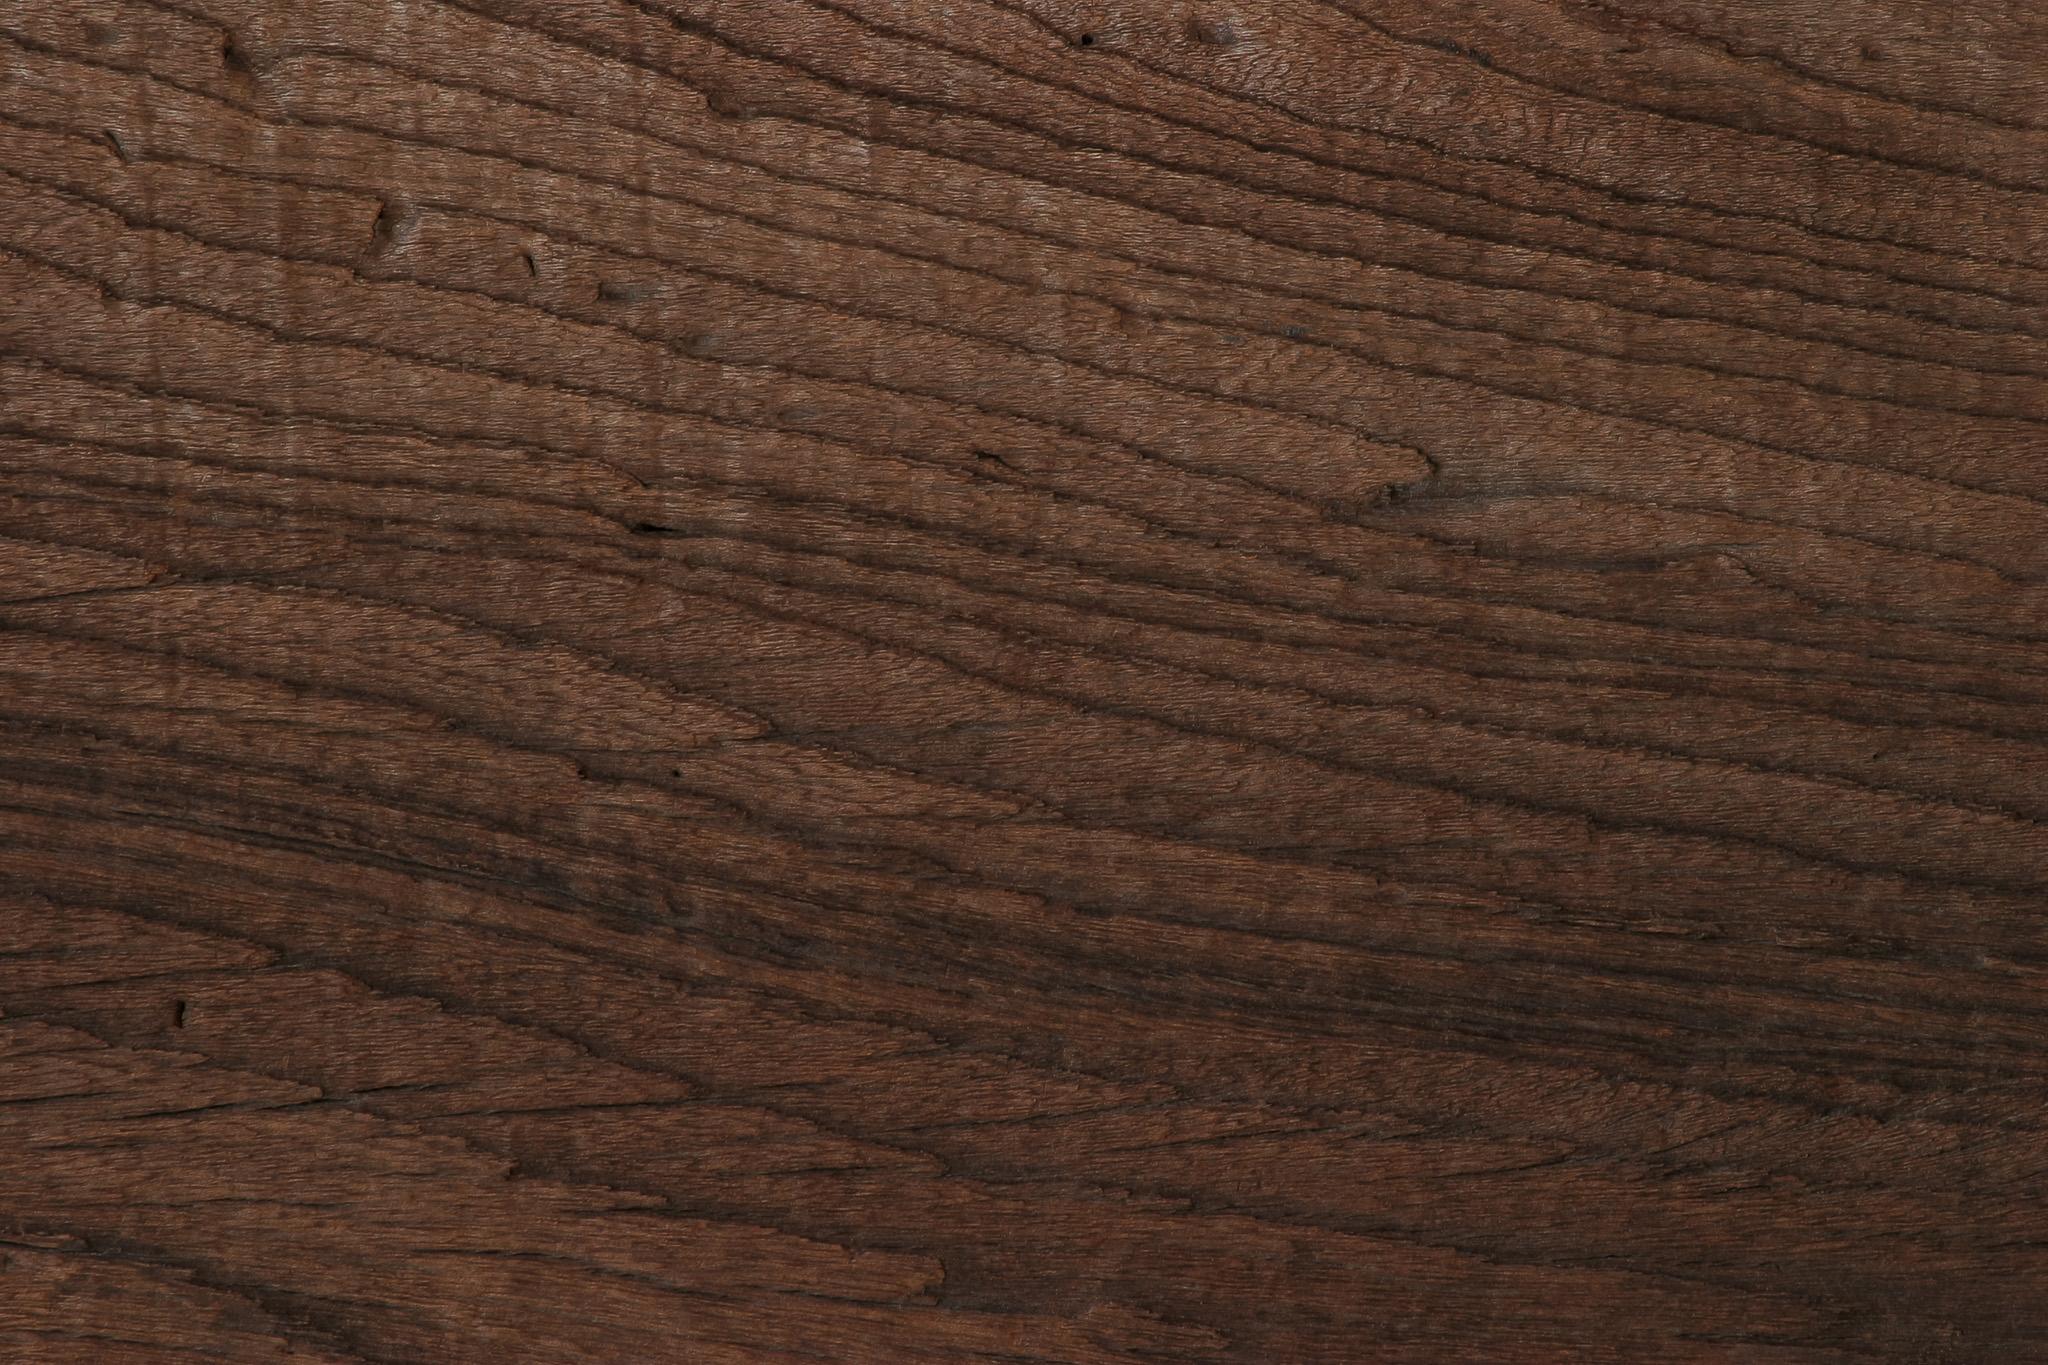 「年代を感じる木の壁板」